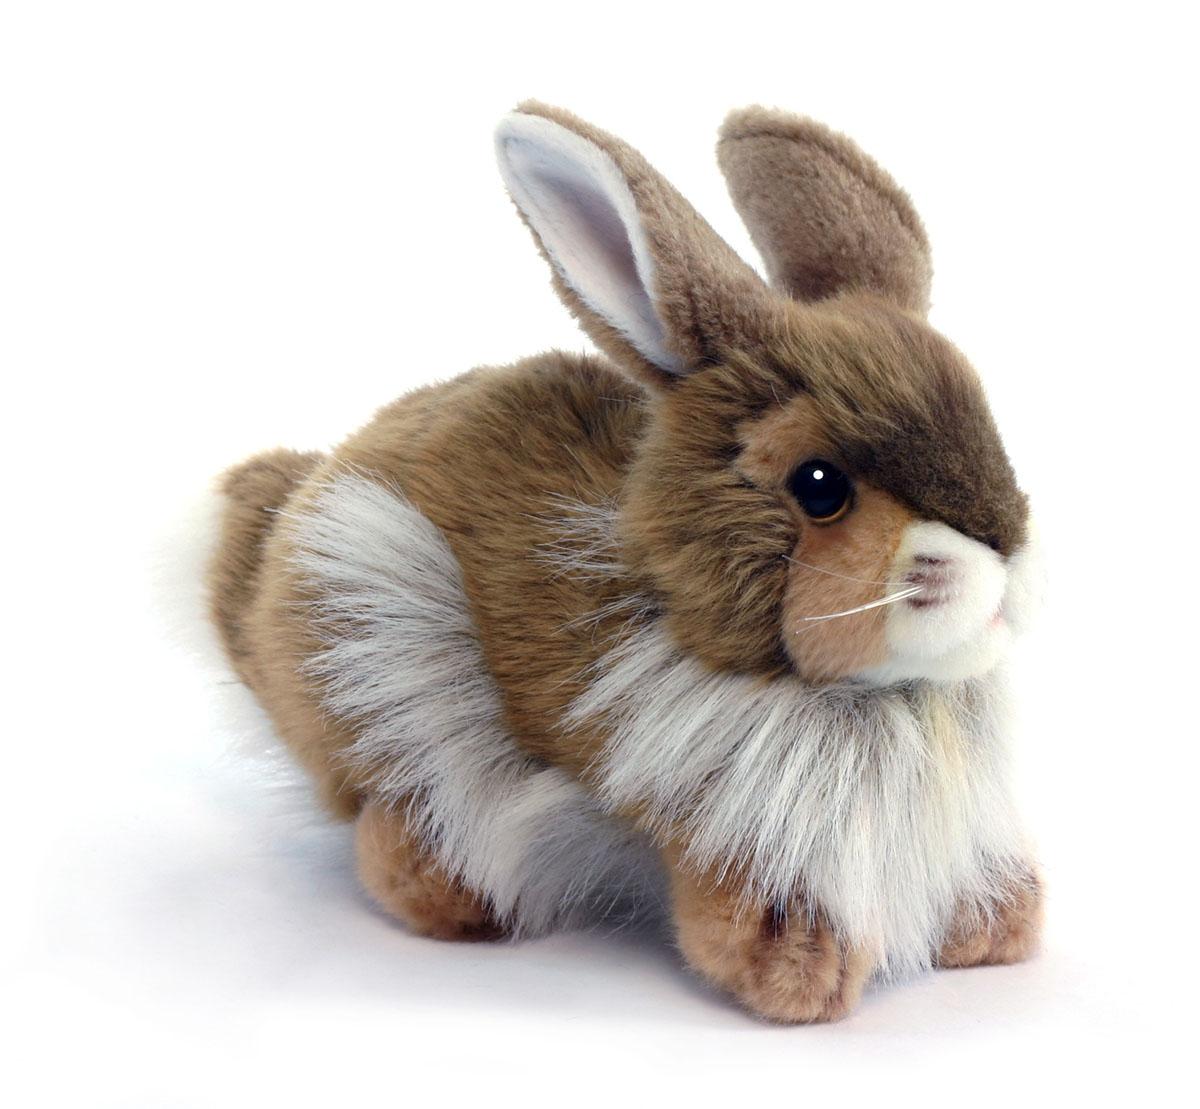 Мягкая игрушка Hansa Кролик, 23 см2796Очаровательная мягкая игрушка Кролик принесет радость и подарит своему обладателю мгновения нежных объятий и приятных воспоминаний. Игрушка очень похожа на своего живого прототипа. Игрушки фирмы Hansa шьются и набиваются вручную, что позволяет достигнуть максимальной реалистичности образа. Данная игрушка выполнена из искусственного меха, специально обработанного для придания схожести с мехом конкретного вида животного. Глаза и усы выполнены из пластика. Очаровательный бело-серый кролик наверняка понравится ребенку и станет всеобщим любимцем. Он выглядит настолько реалистично, что кажется вот-вот пошевелит длинными ушками и начнет грызть морковку. Во время игры родители могут рассказать ребенку много интересного о животных, и ребенок наверняка все это запомнит, ведь информация будет подана в игровой форме. Оригинальный стиль и великолепное качество исполнения делают эту игрушку чудесным подарком к любому празднику, а милый образ представит такой подарок в...